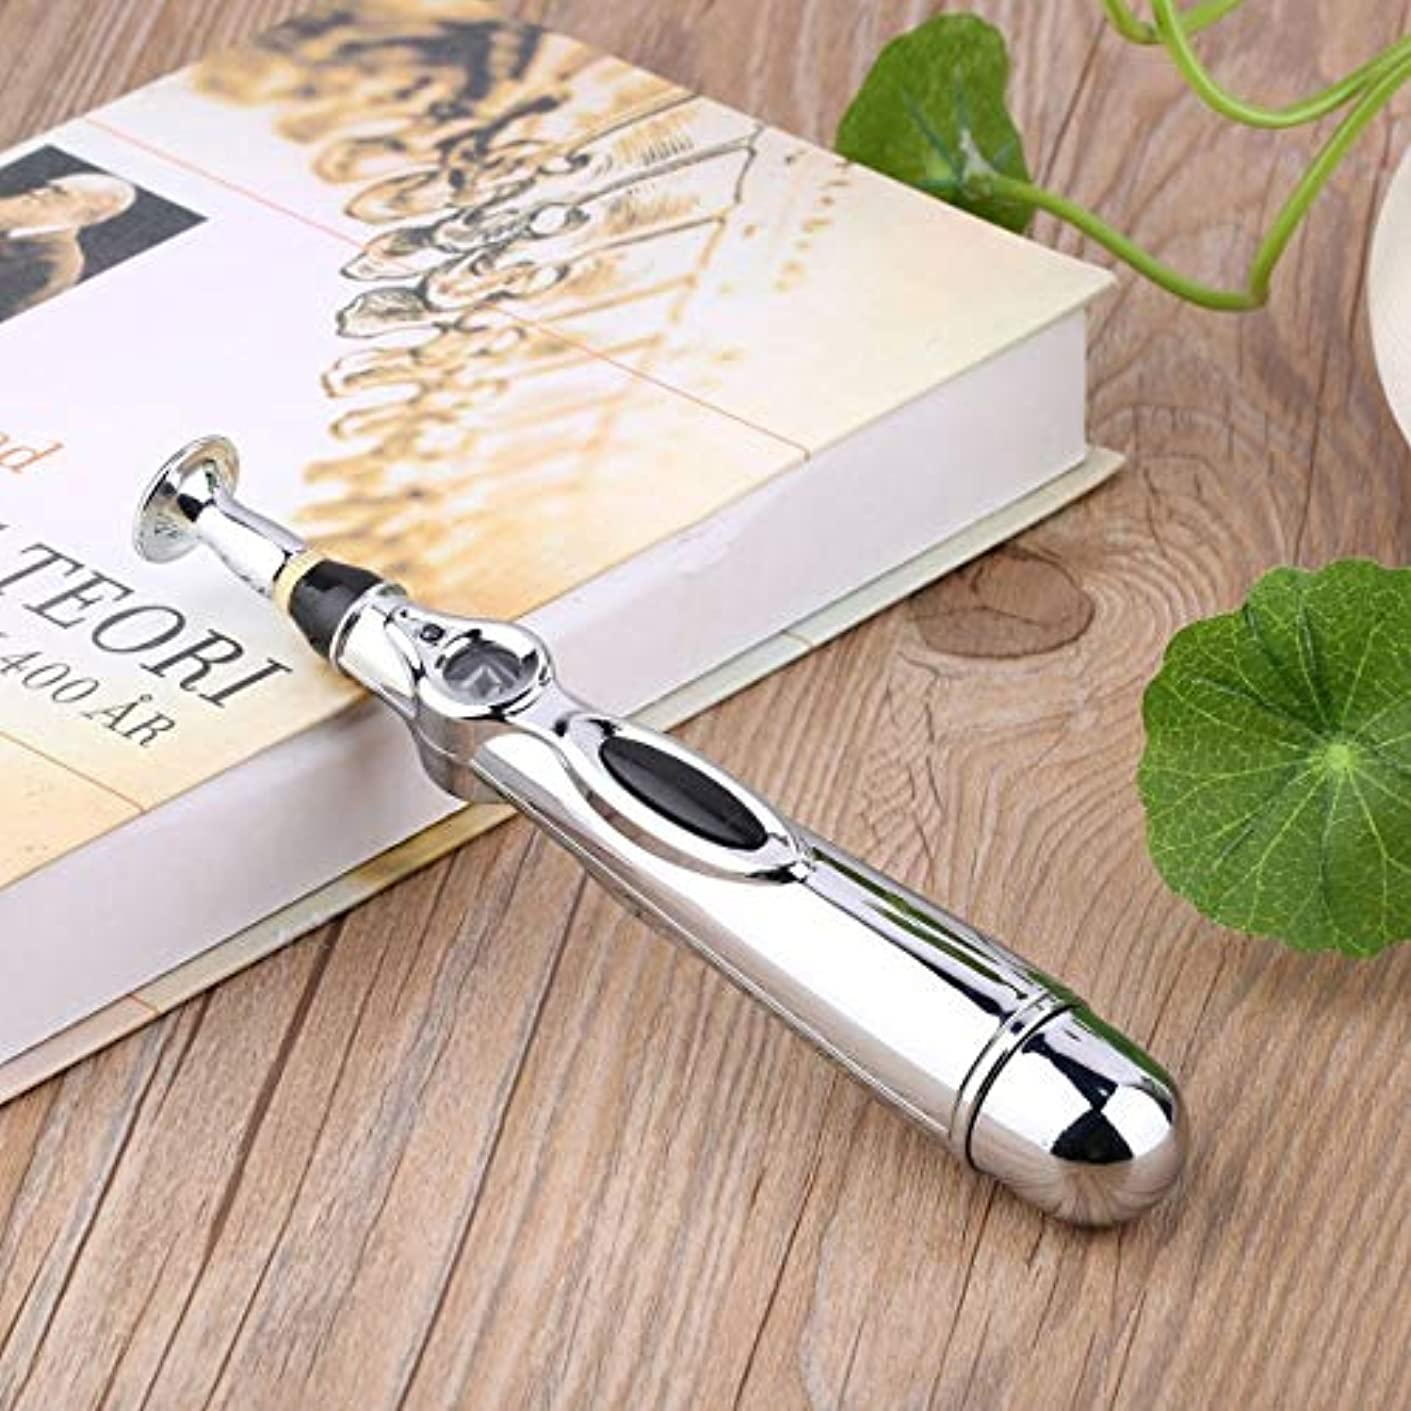 配送ケージあまりにも電気鍼マッサージペンの健康子午線の痛みを軽減する治療電子子午線エネルギーペンのマッサージボディヘッドネック脚